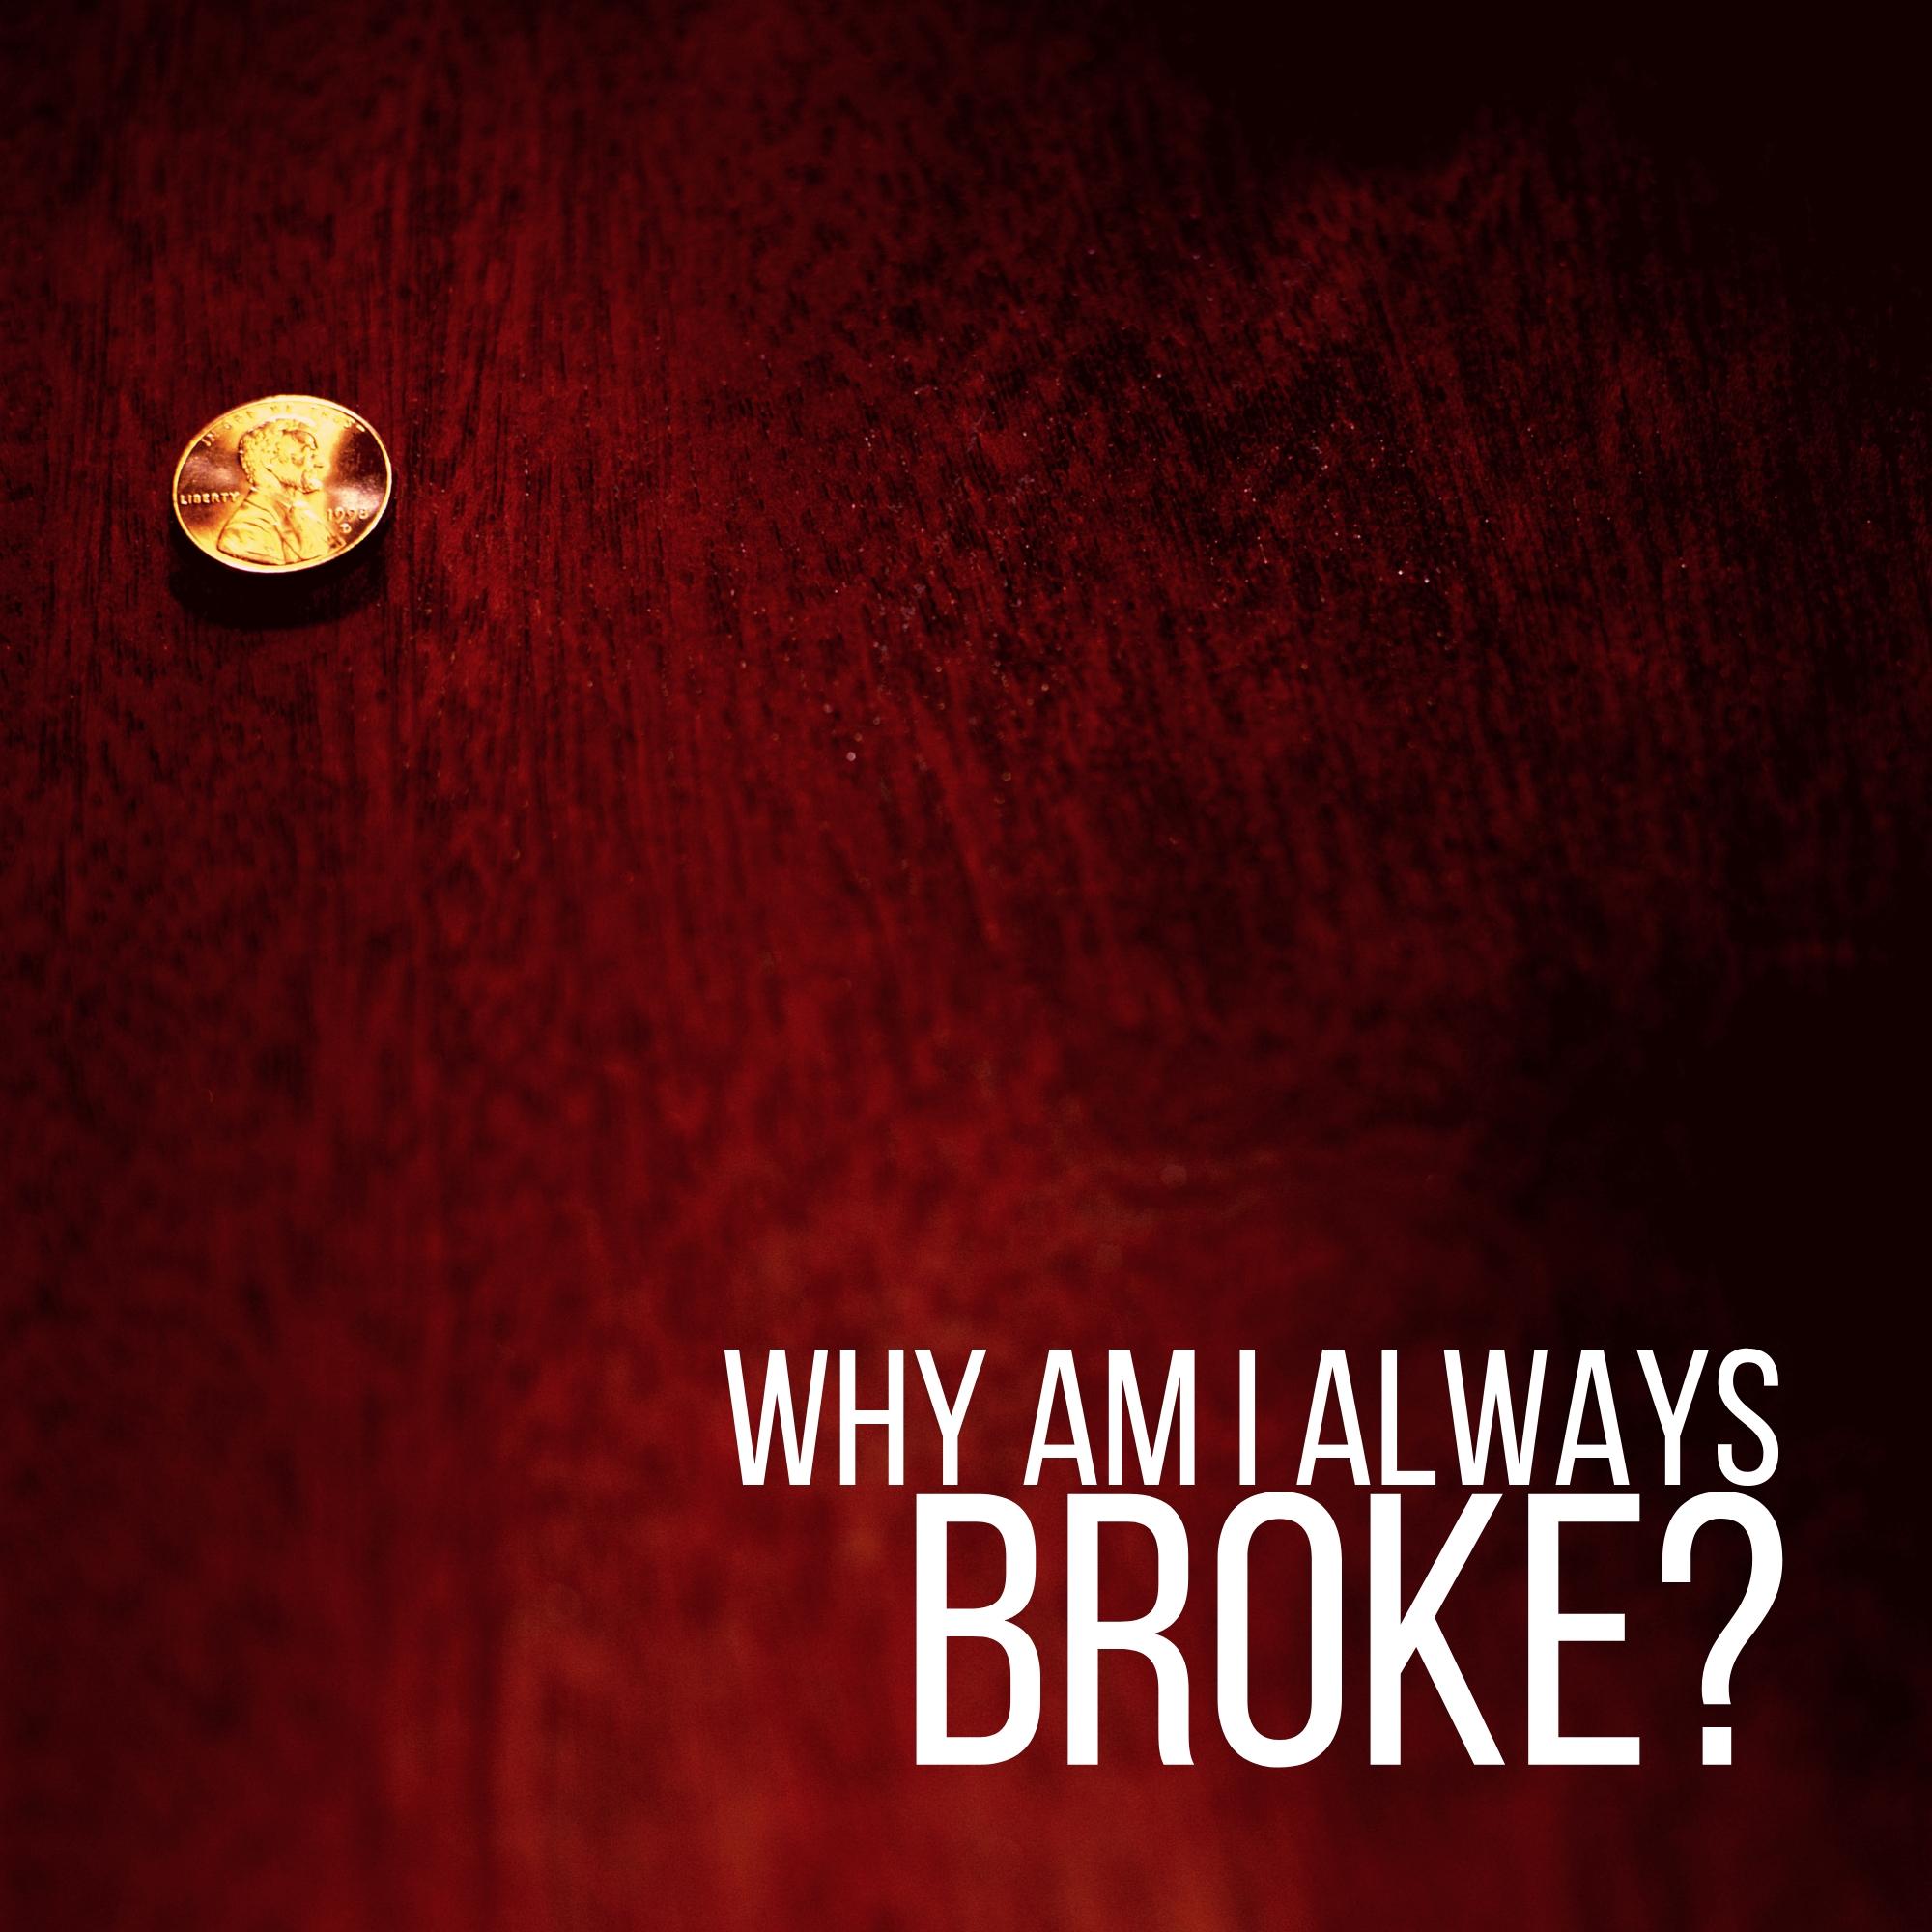 Why am i always broke?